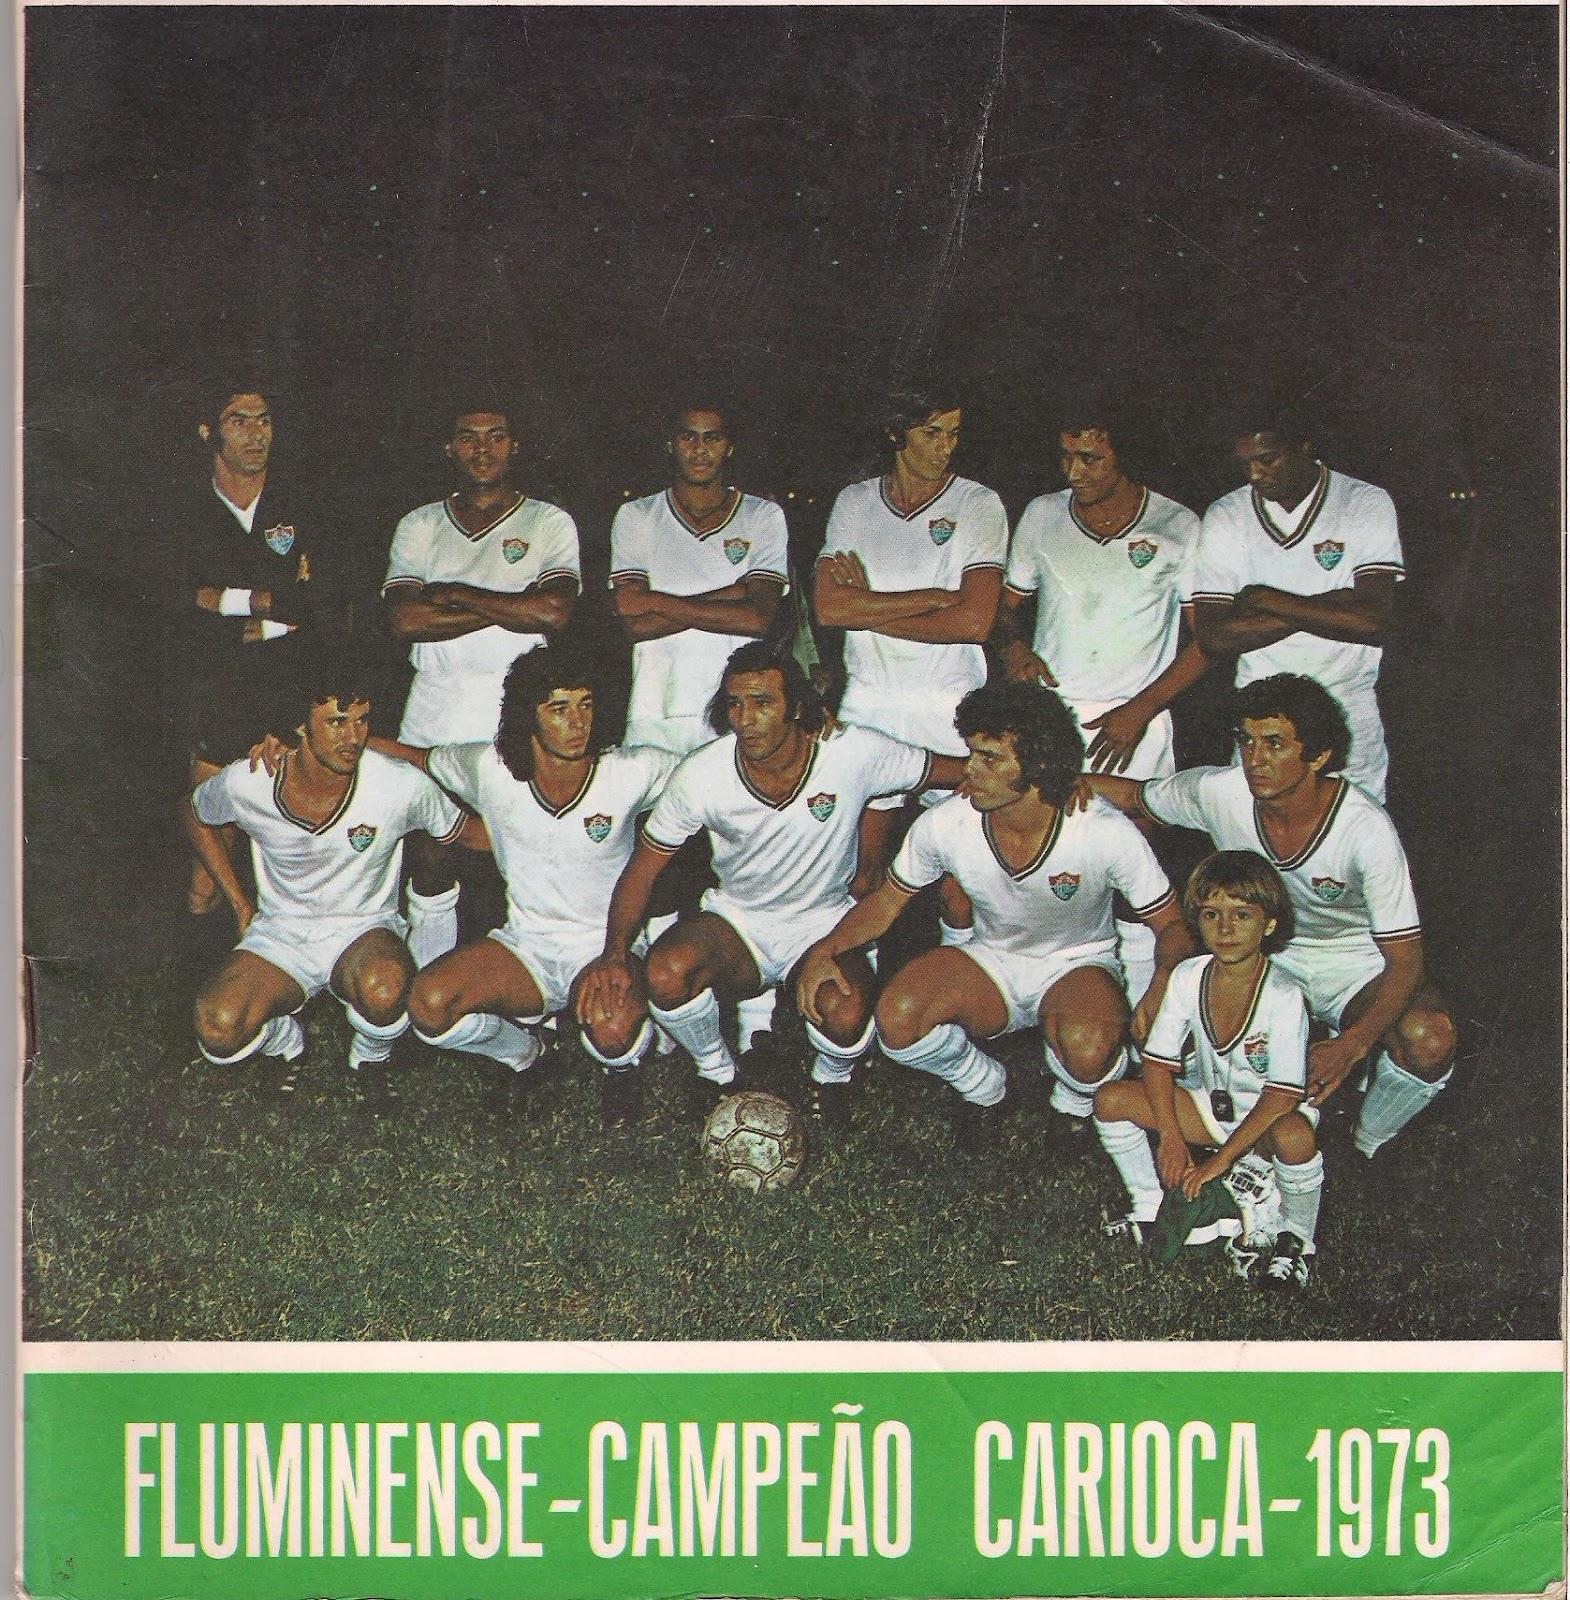 Seu nome está gravado para sempre na história do Fluminense. Rubens Galaxe  tinha prazer em jogar com a camisa do Fluminense. 8d5b312ed500a